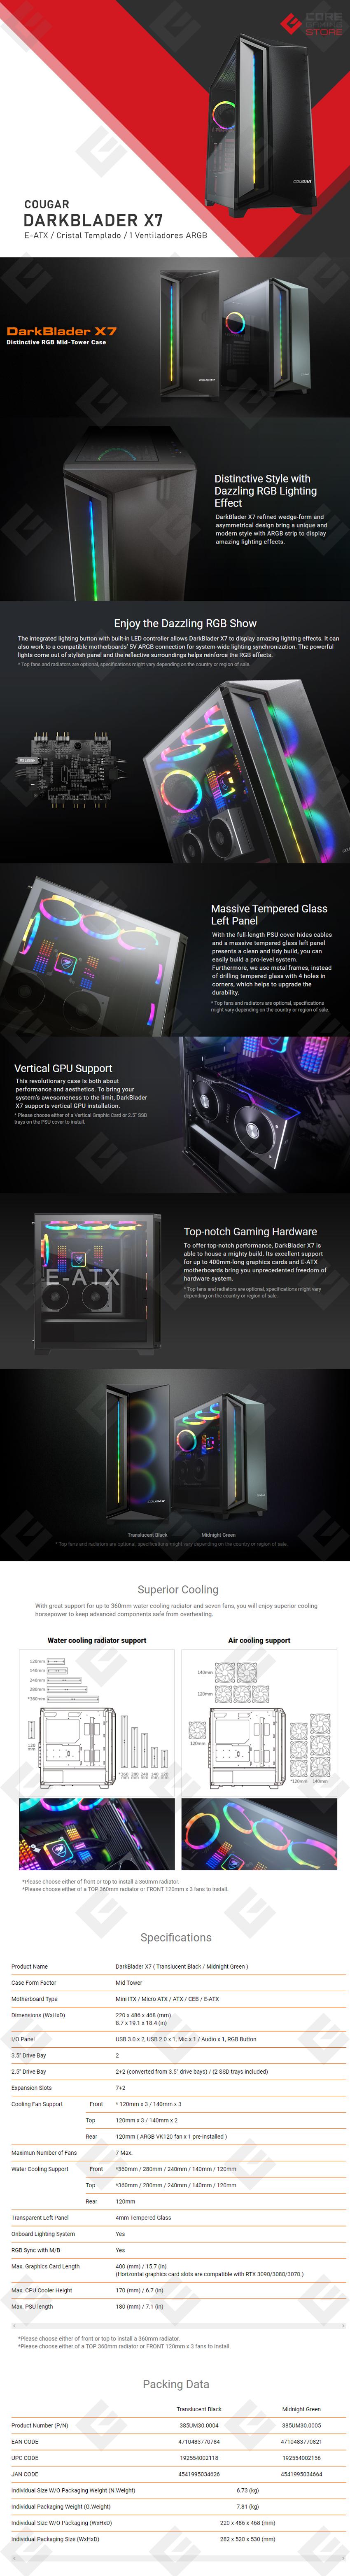 Gabinete Cougar Darkblader X7, E-ATX, Cristal Templado, Negro Translucido, 1 Ventilador ARGB VK120